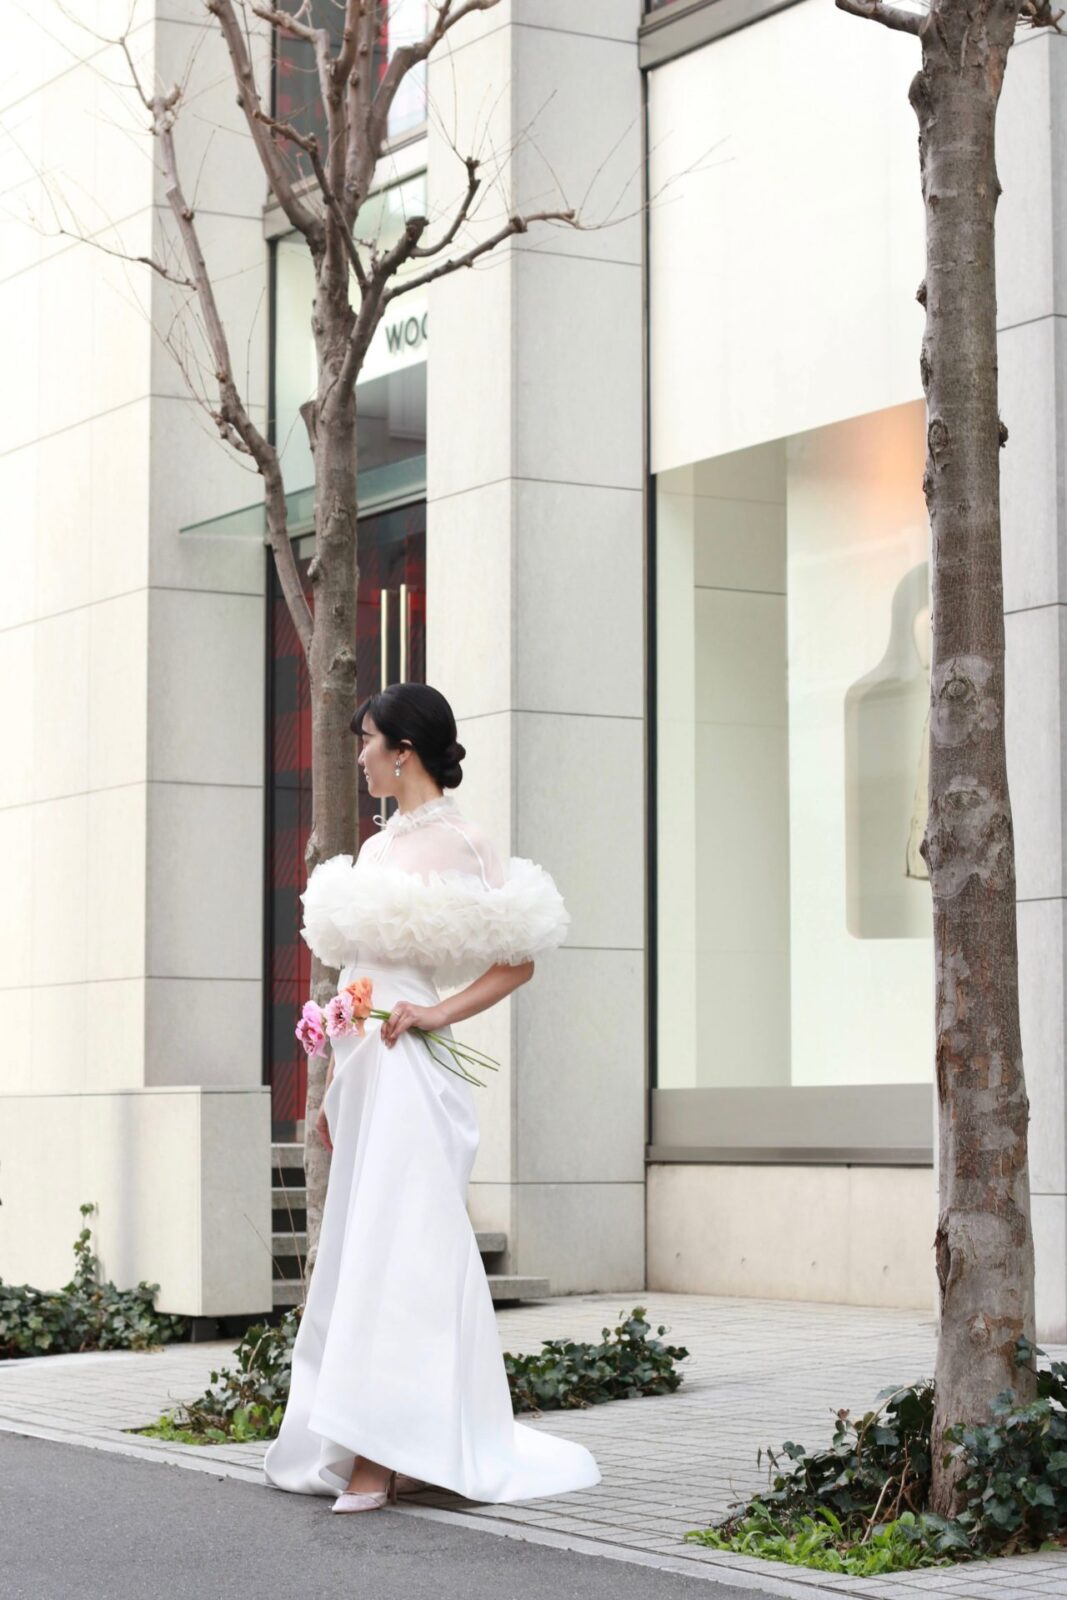 トモコイズミとトリートドレッシングがコラボレーションしたウェディングドレスやボレロを着用したロケーション撮影の様子。